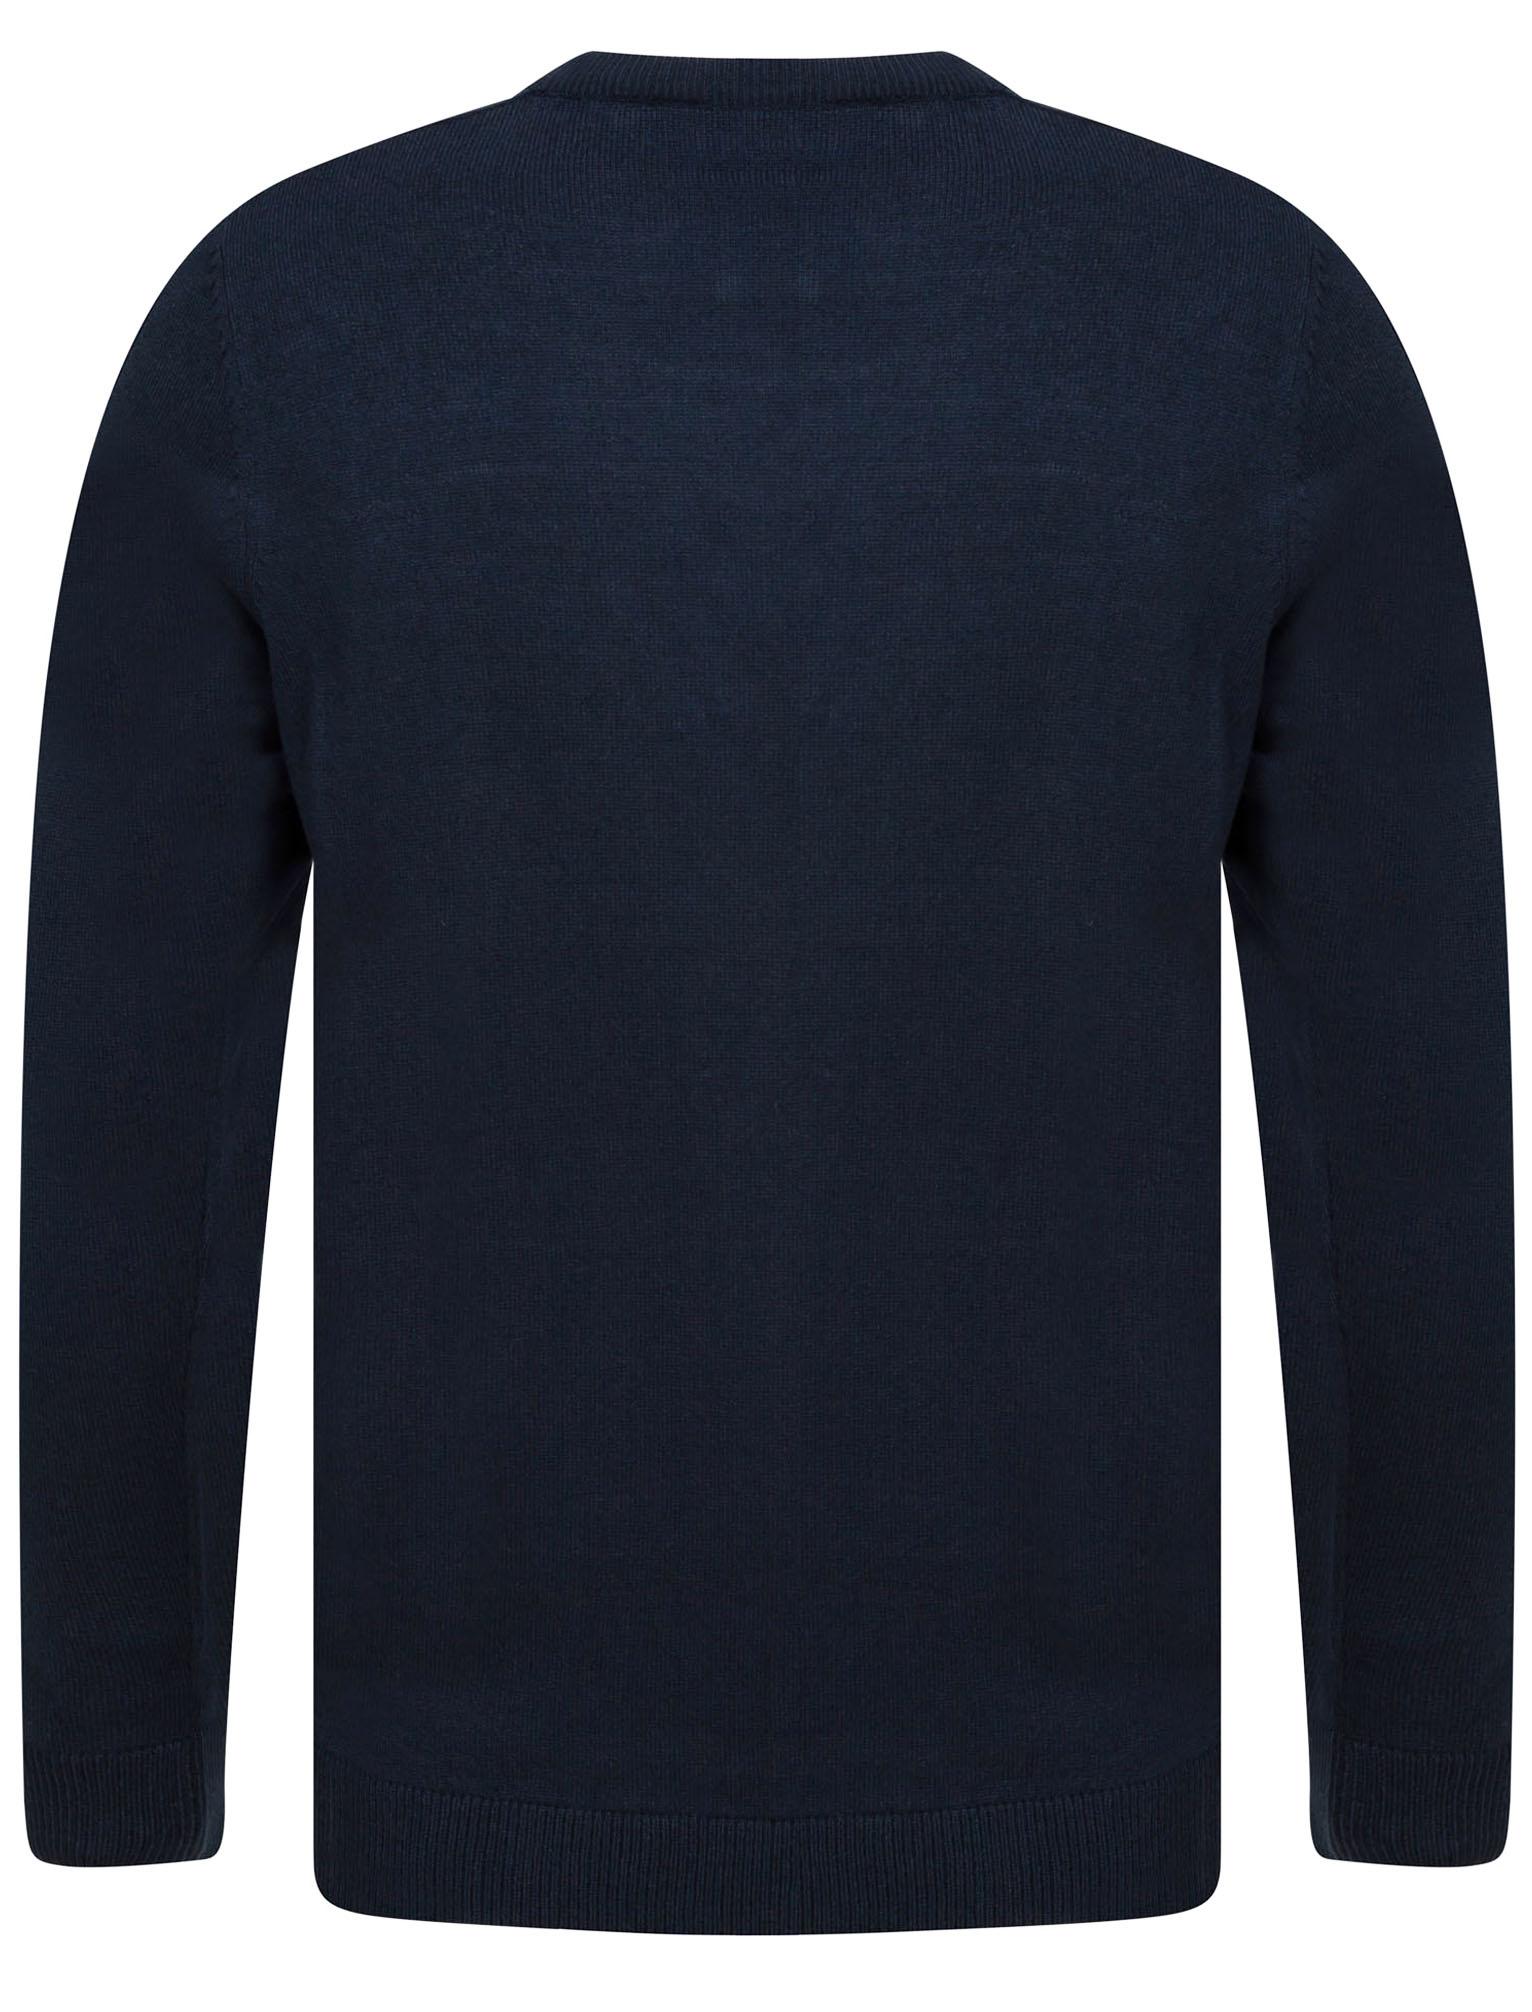 Kensington-Eastside-Men-039-s-Knitted-Crew-or-V-Neck-Jumper-Sweater-Top-Pullover thumbnail 71